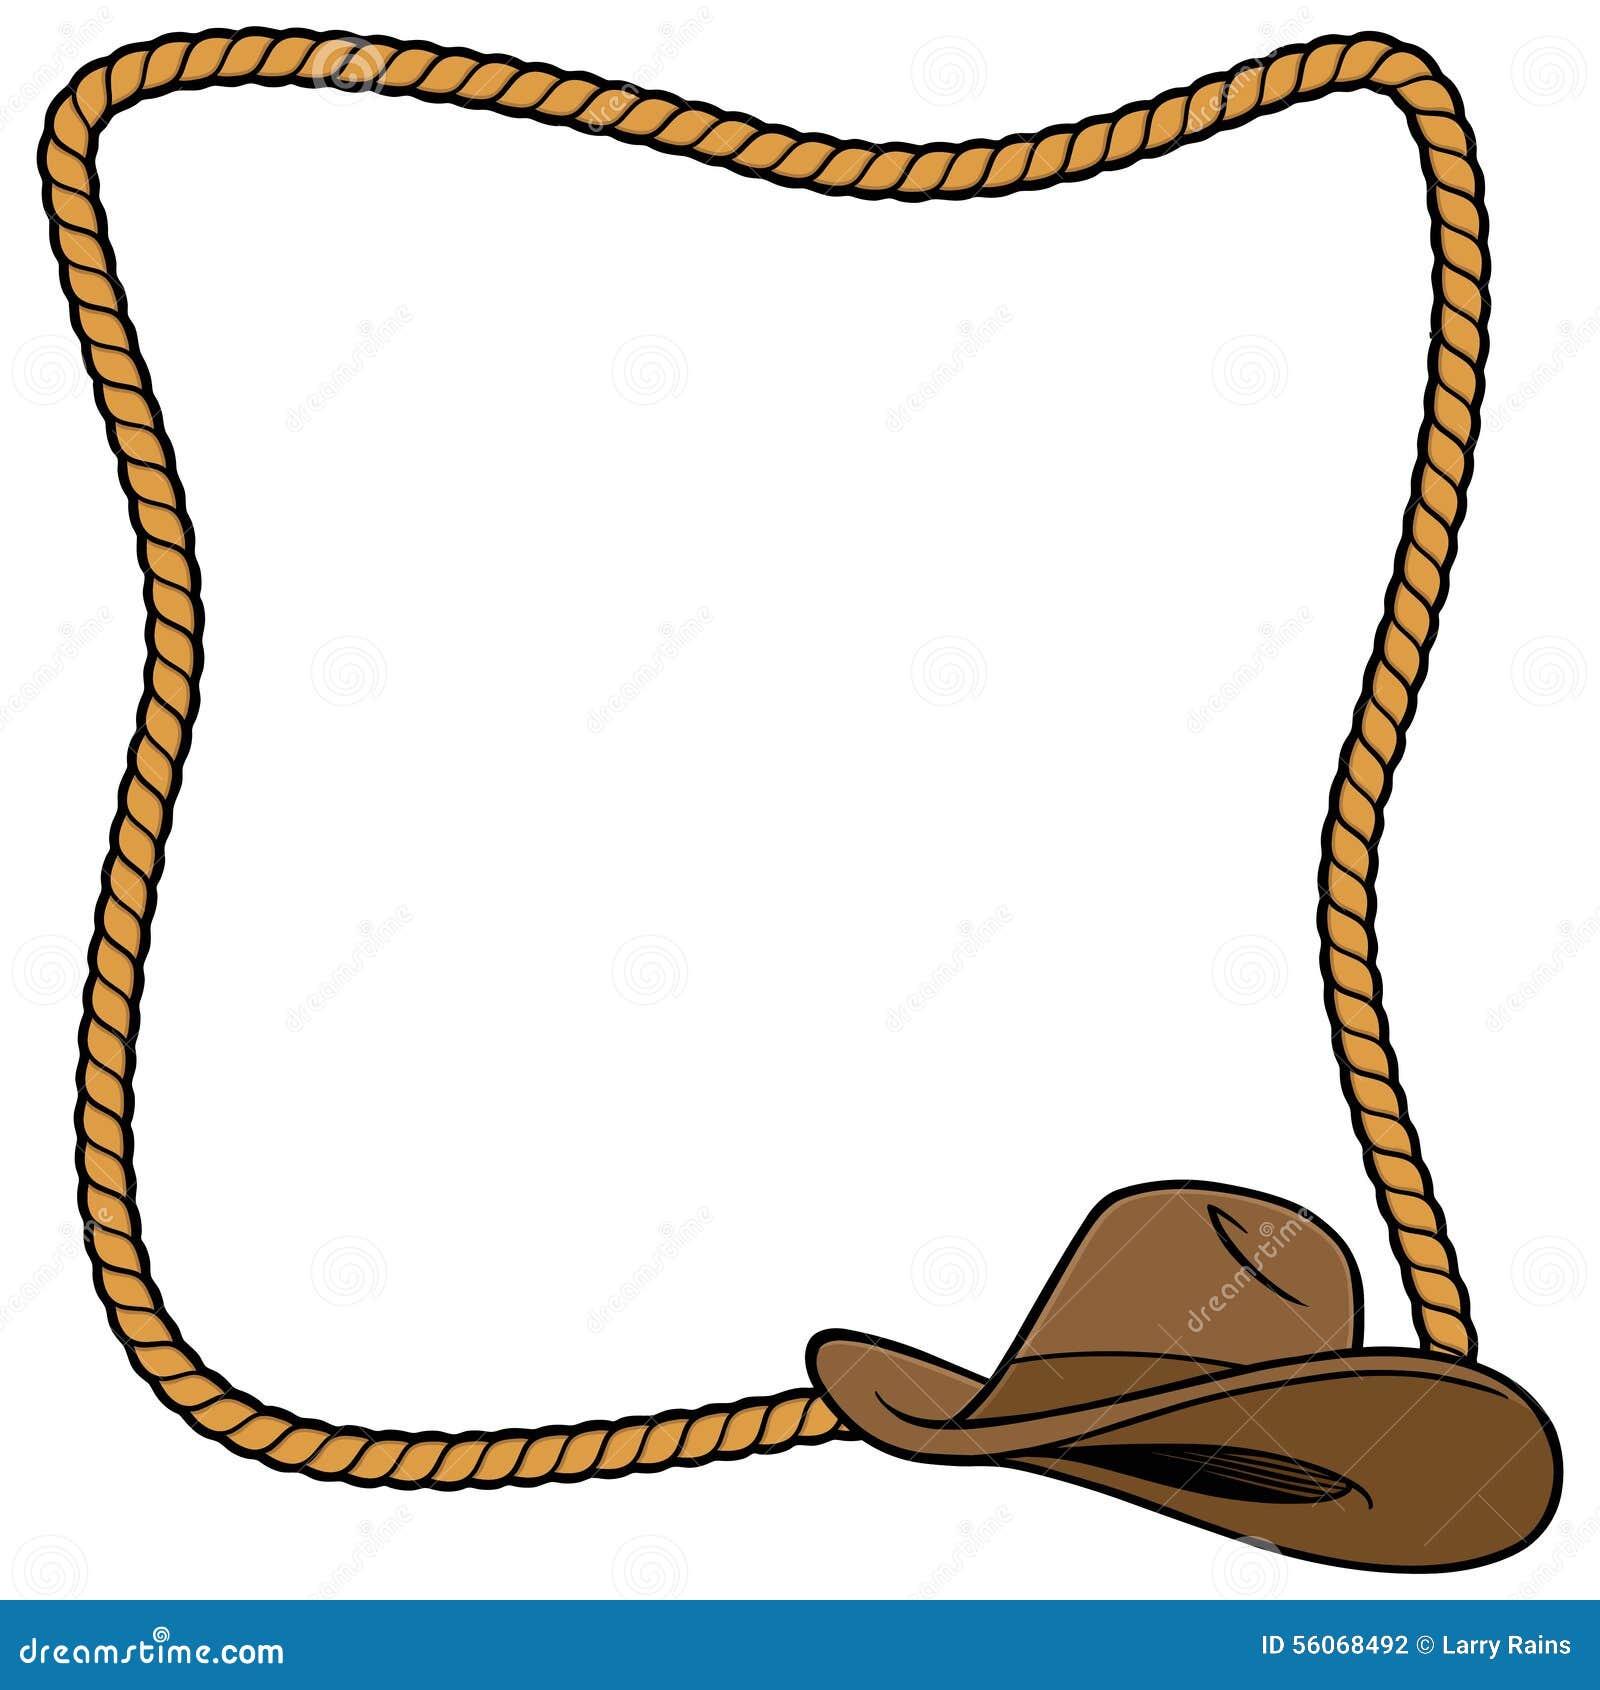 Cowboy border png